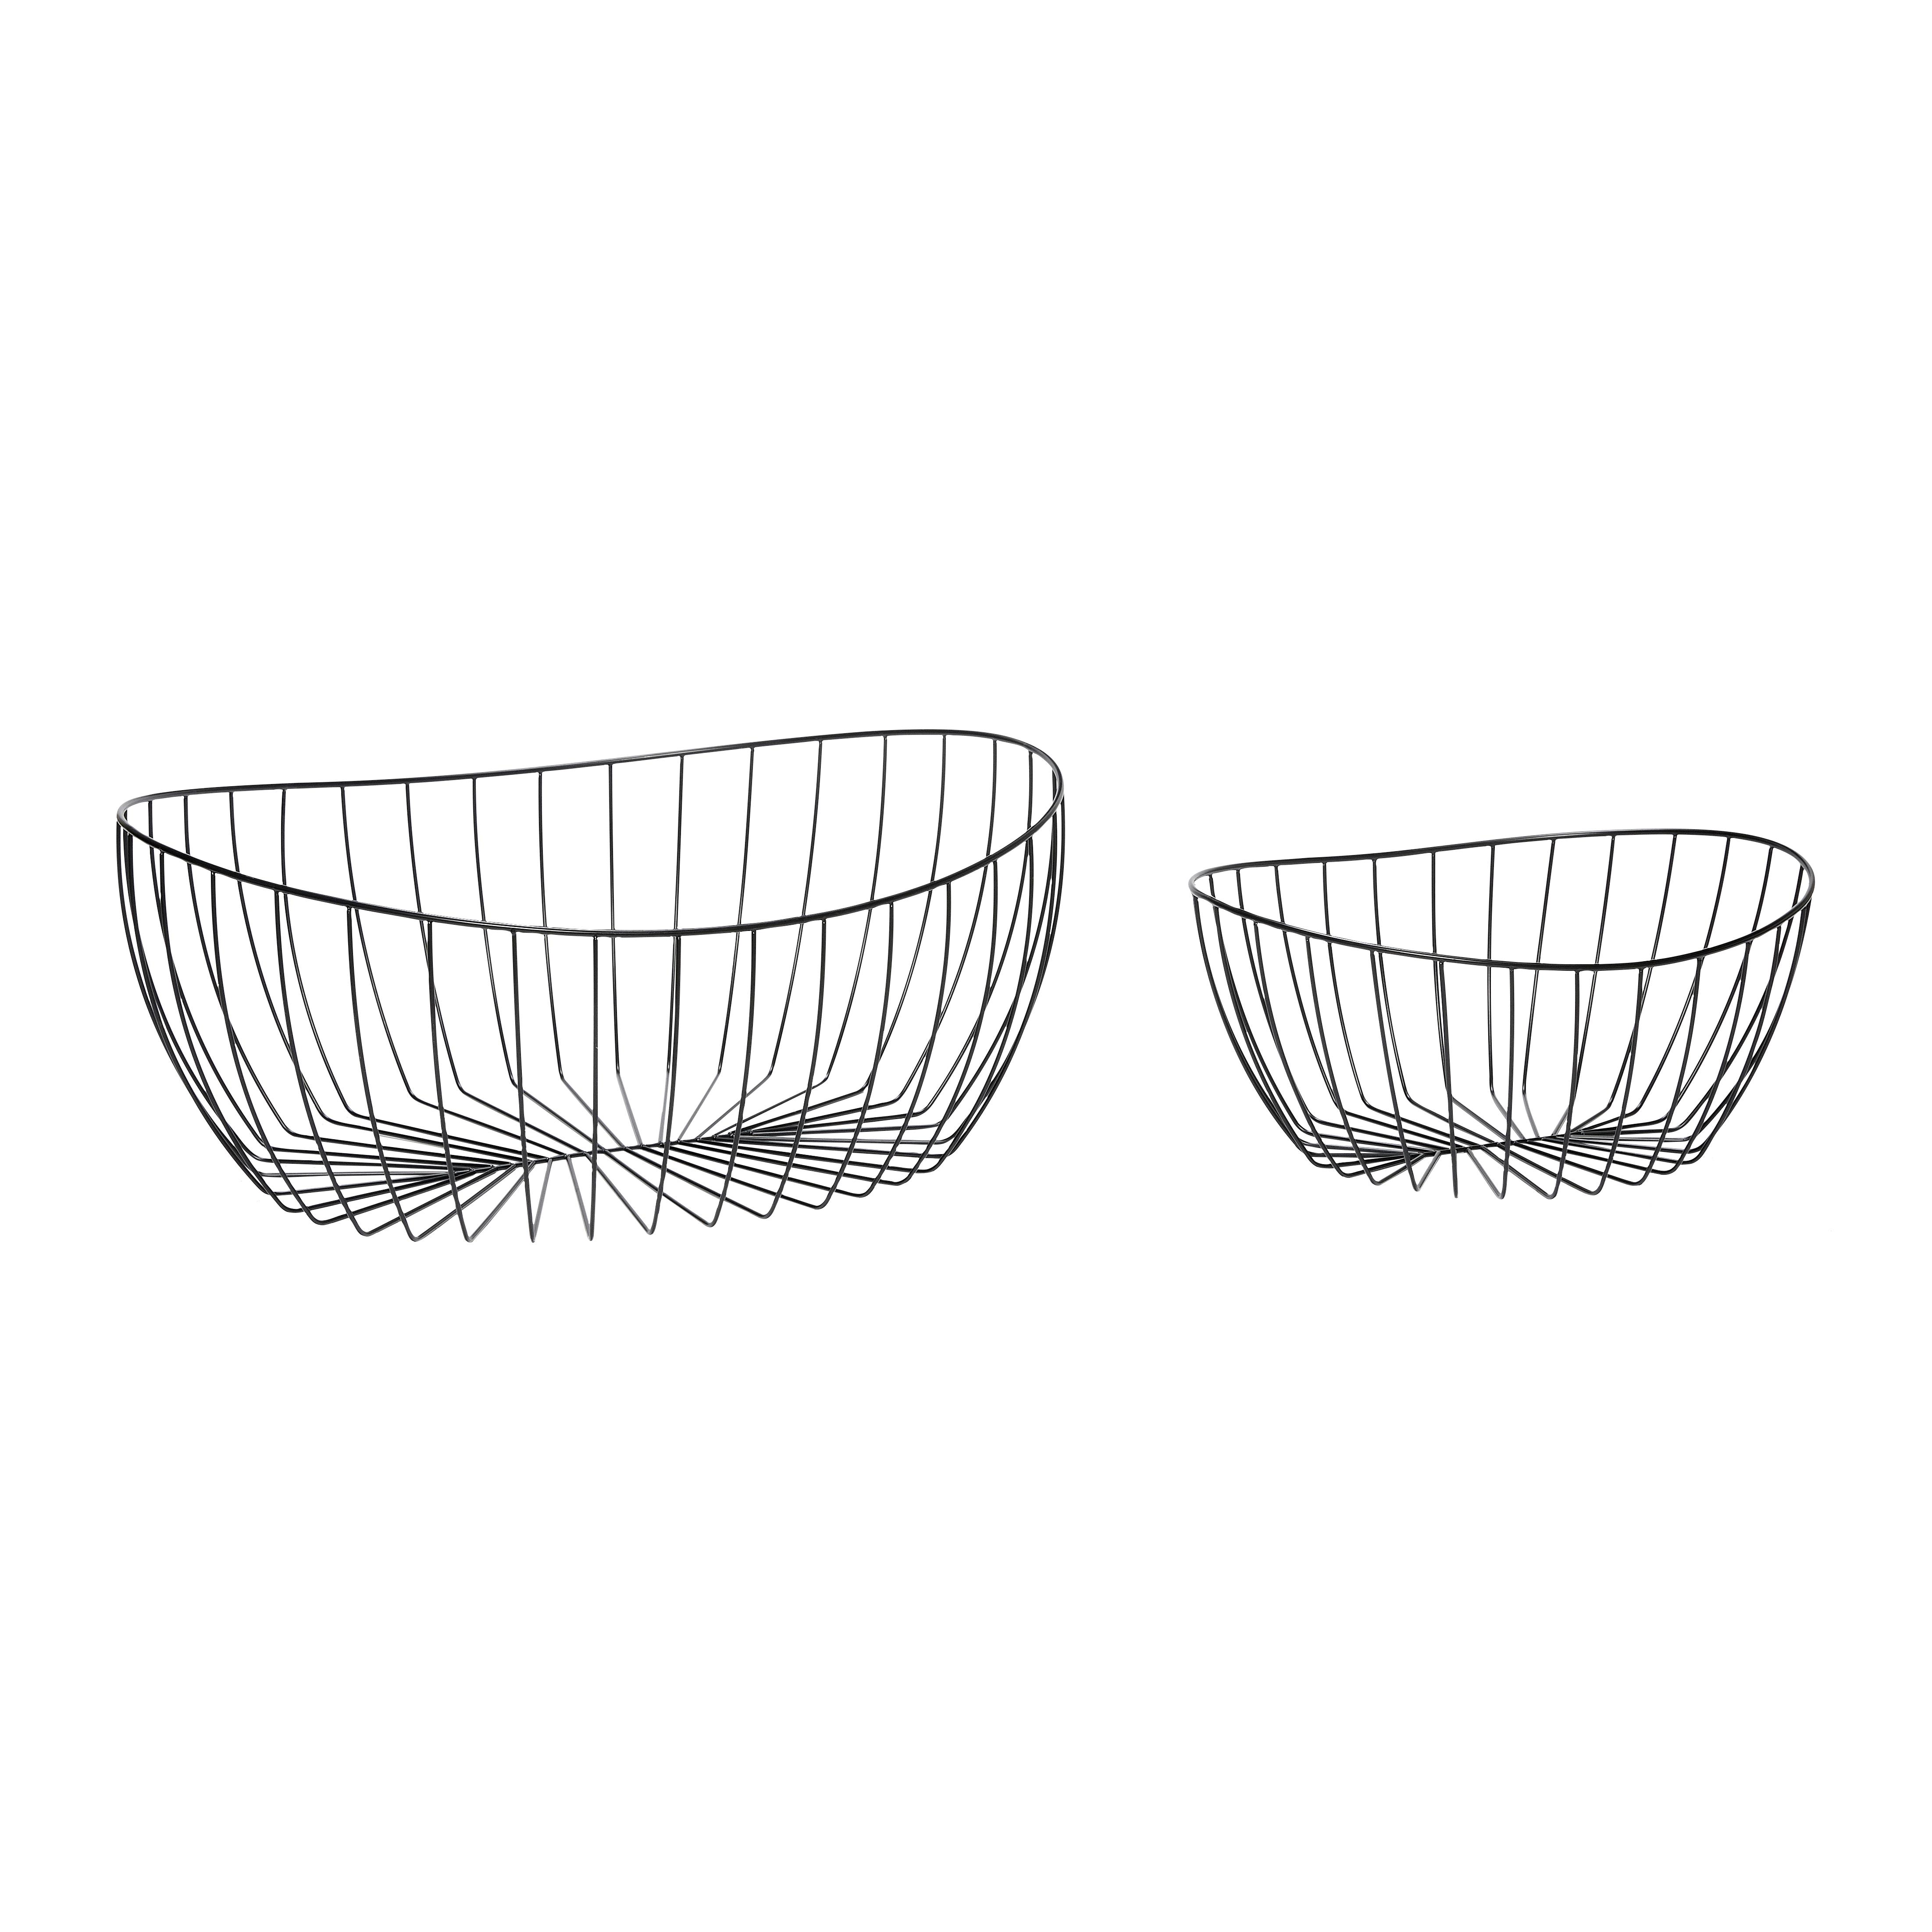 drahtkorb small lovestyleliving lovestyleliving. Black Bedroom Furniture Sets. Home Design Ideas